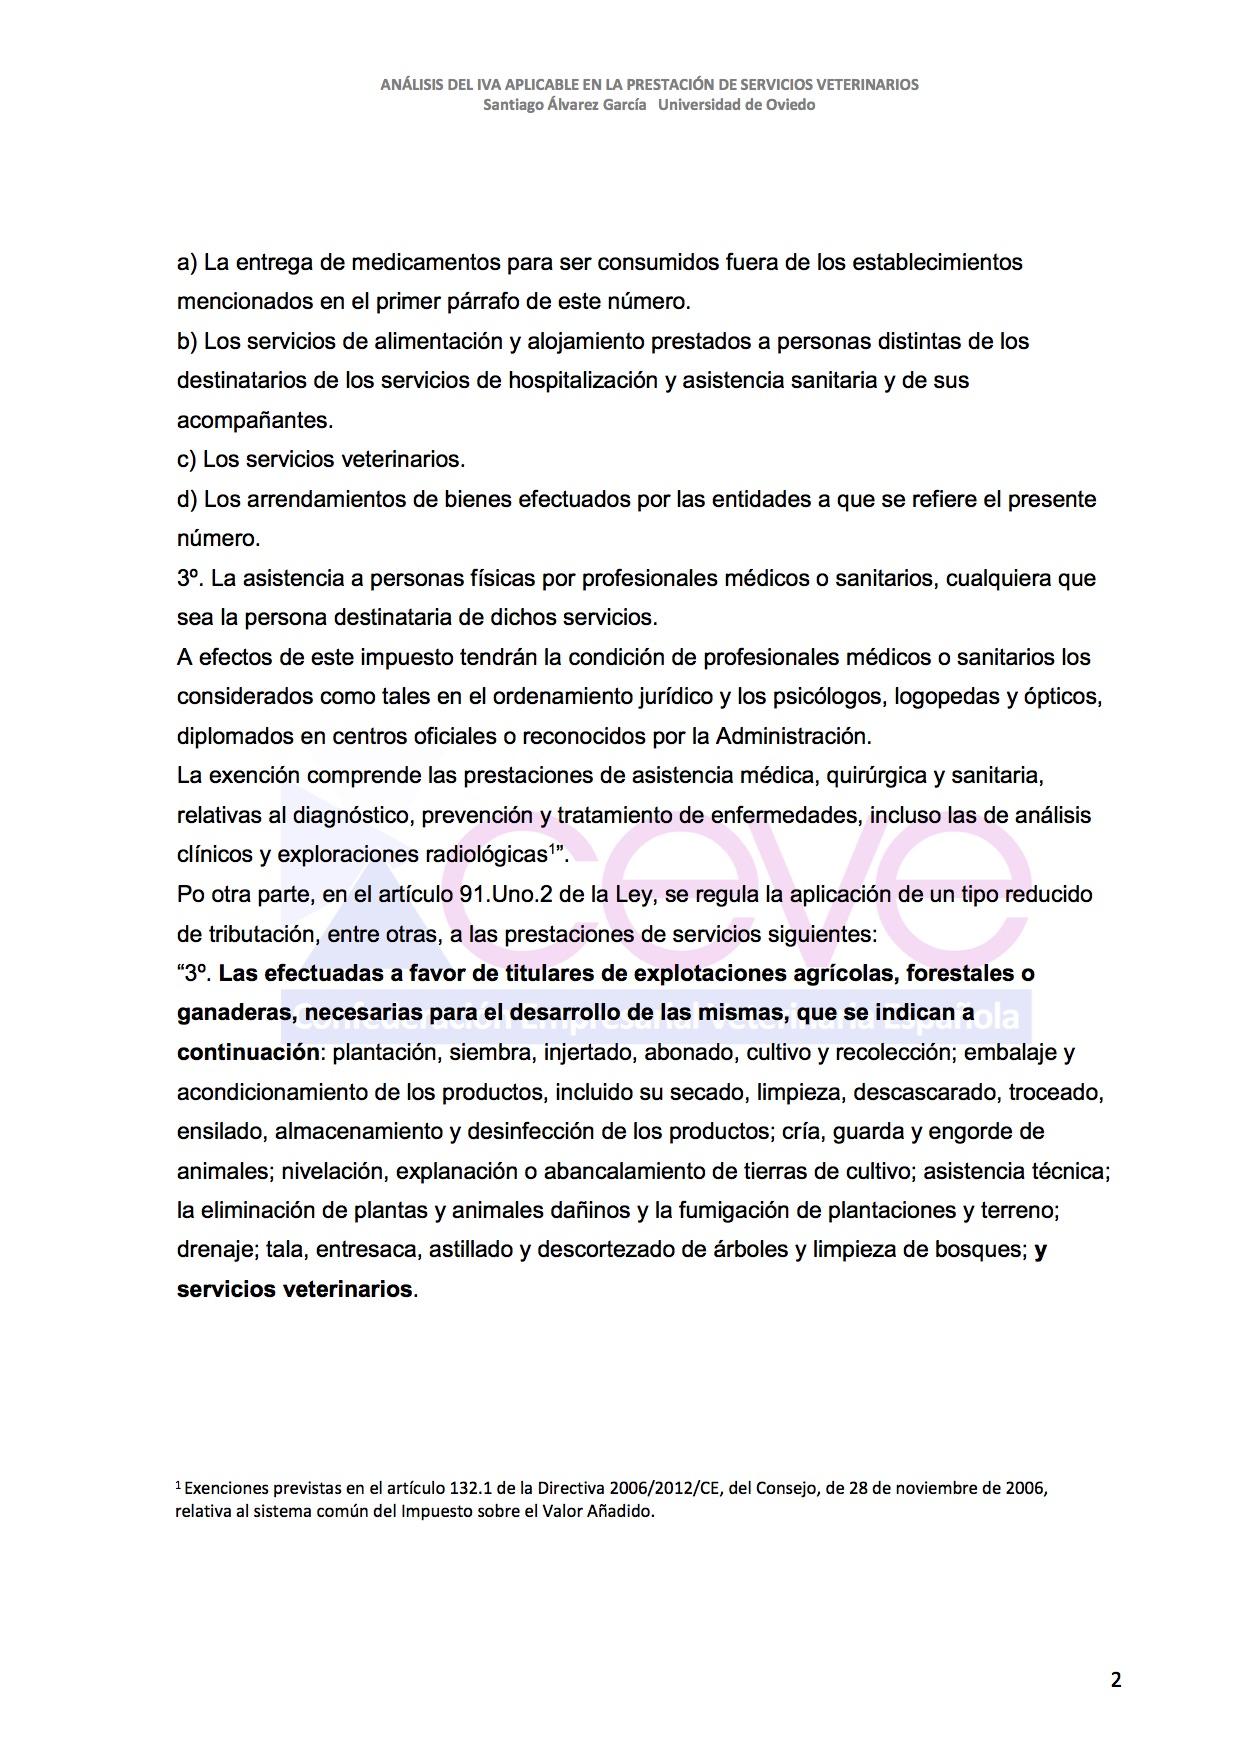 INFOME JURIDICO SOBRE EL IVA3 VETERINARIO DESBLOQUEADO